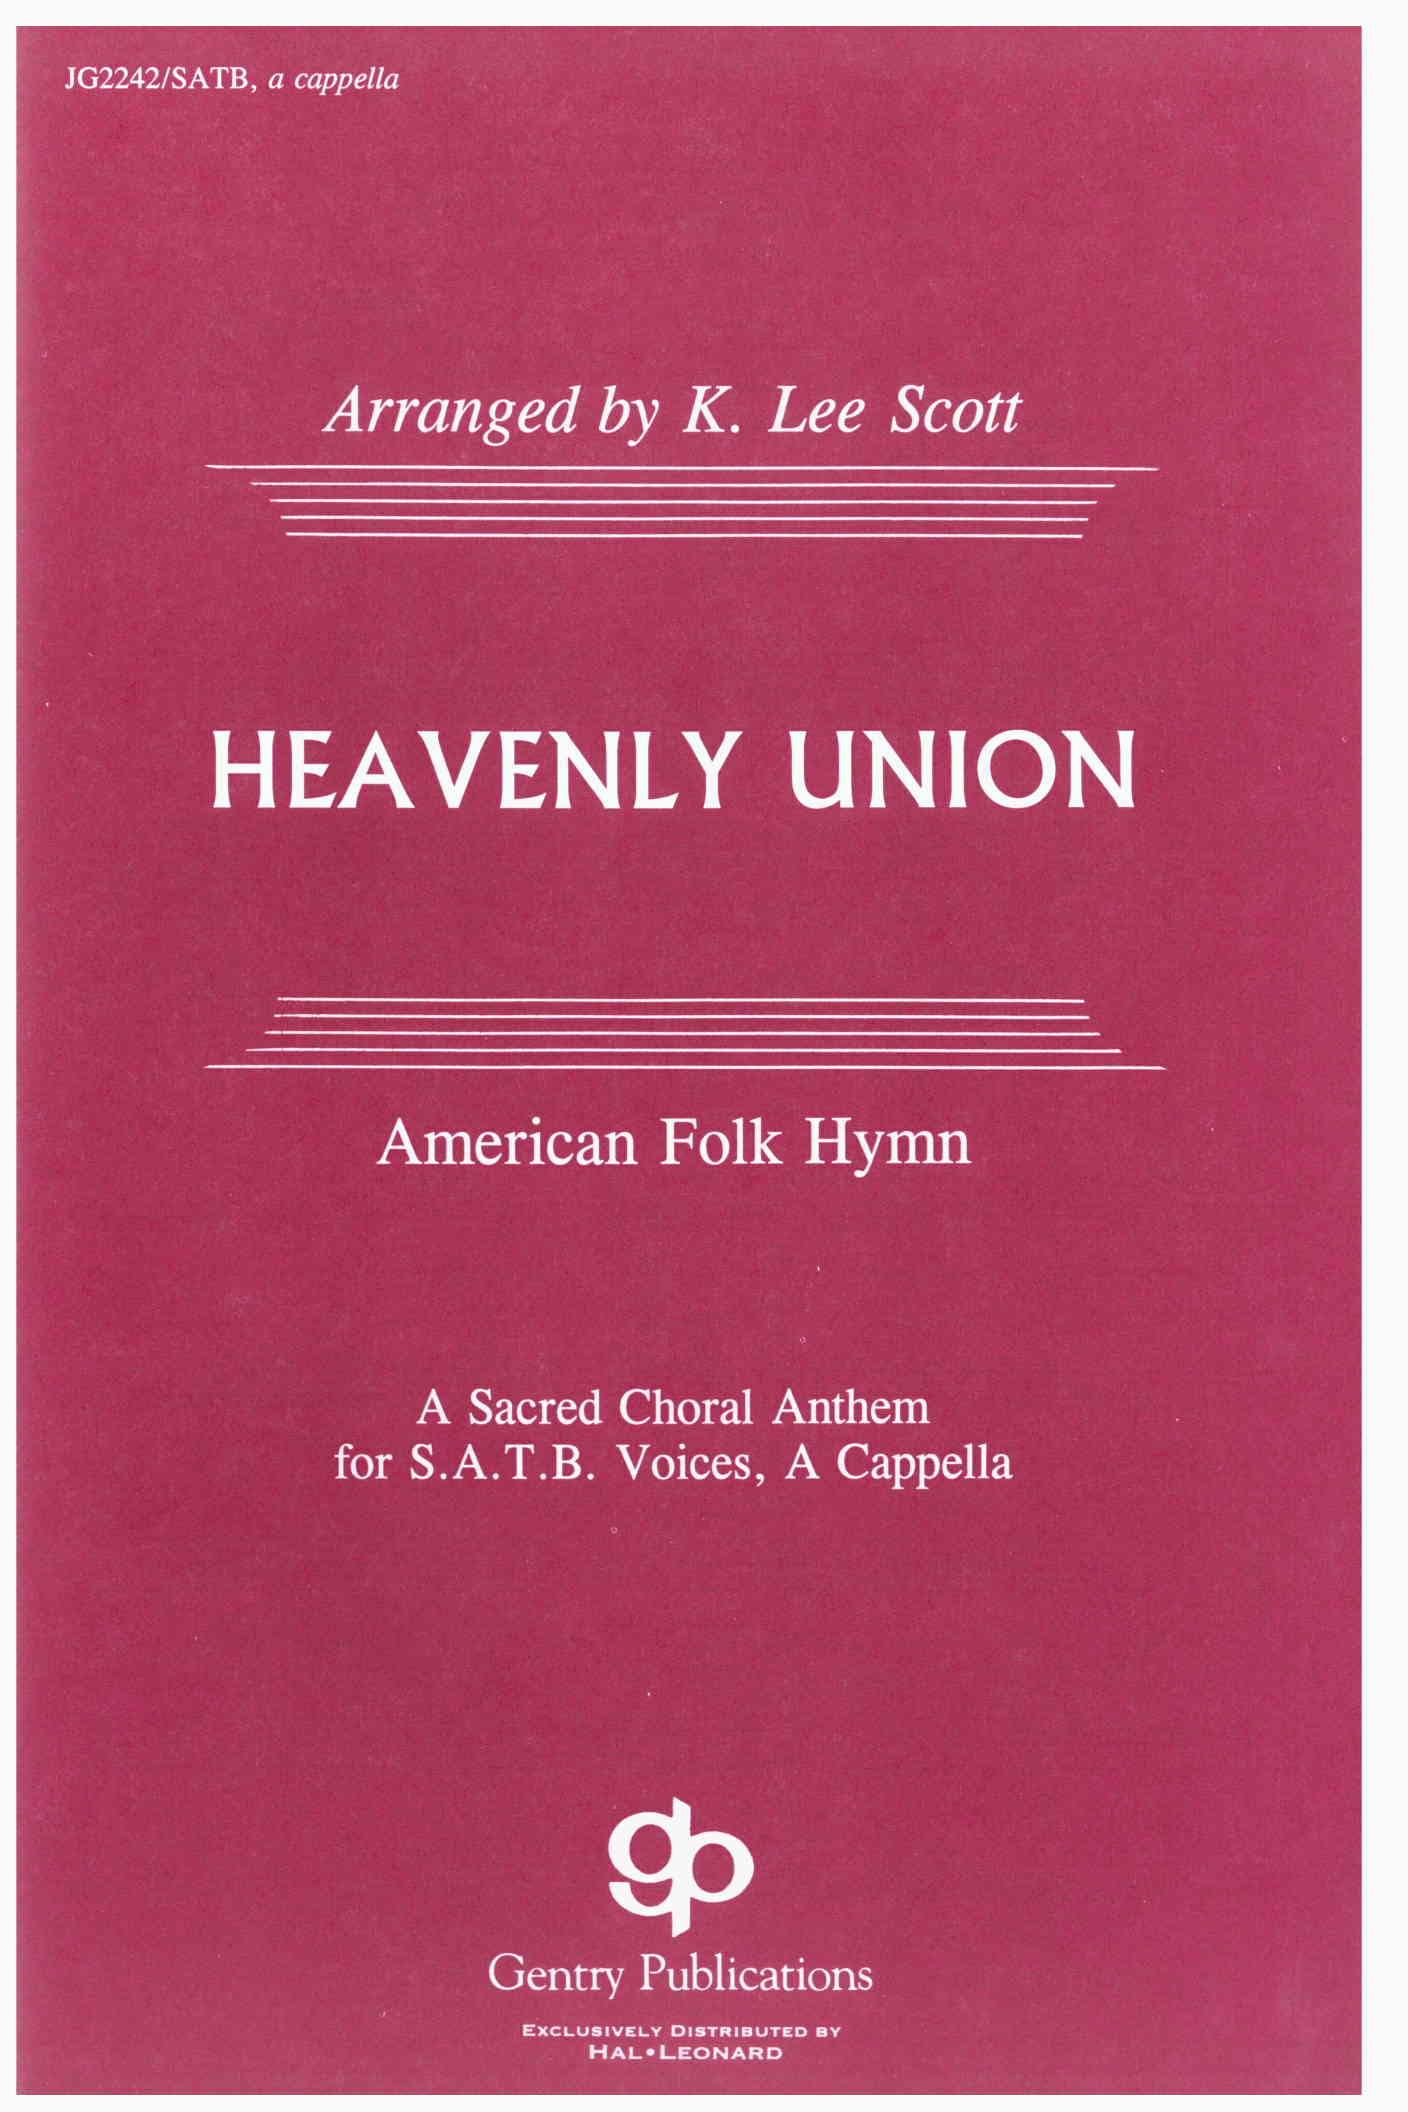 Heavenly Union